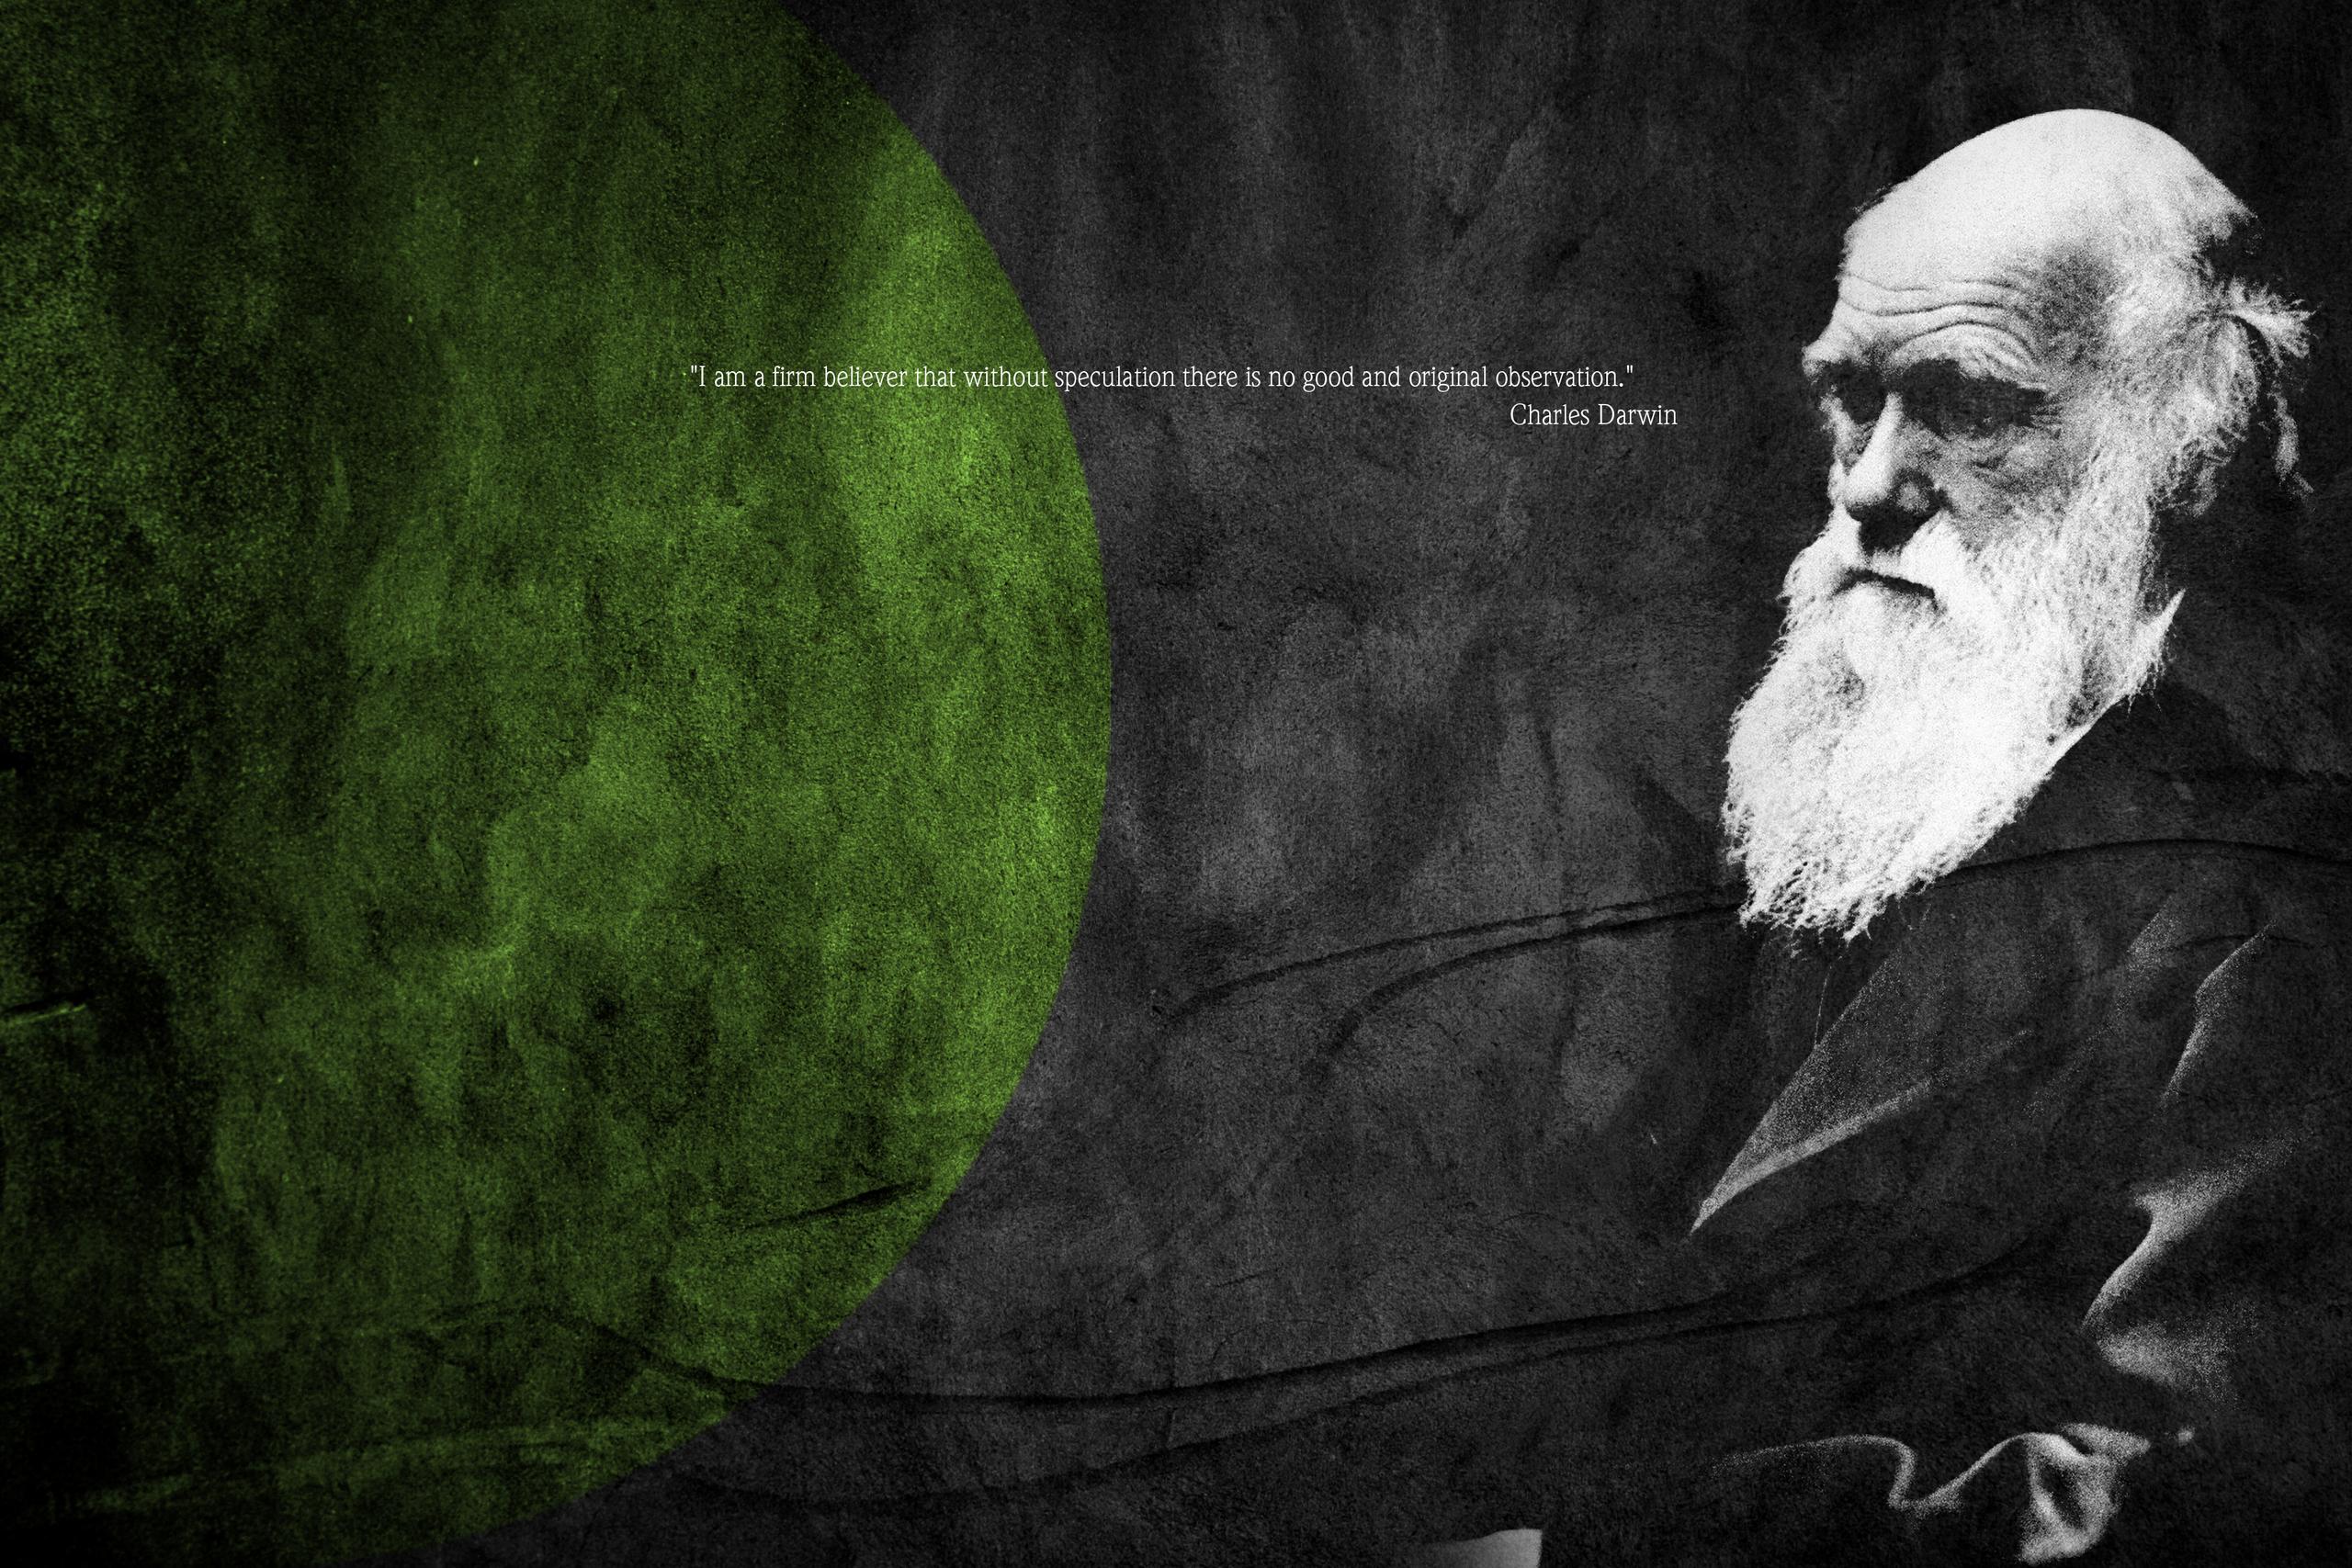 204 ปีชาร์ลส์ ดาร์วิน นักธรณีบูรณาการ